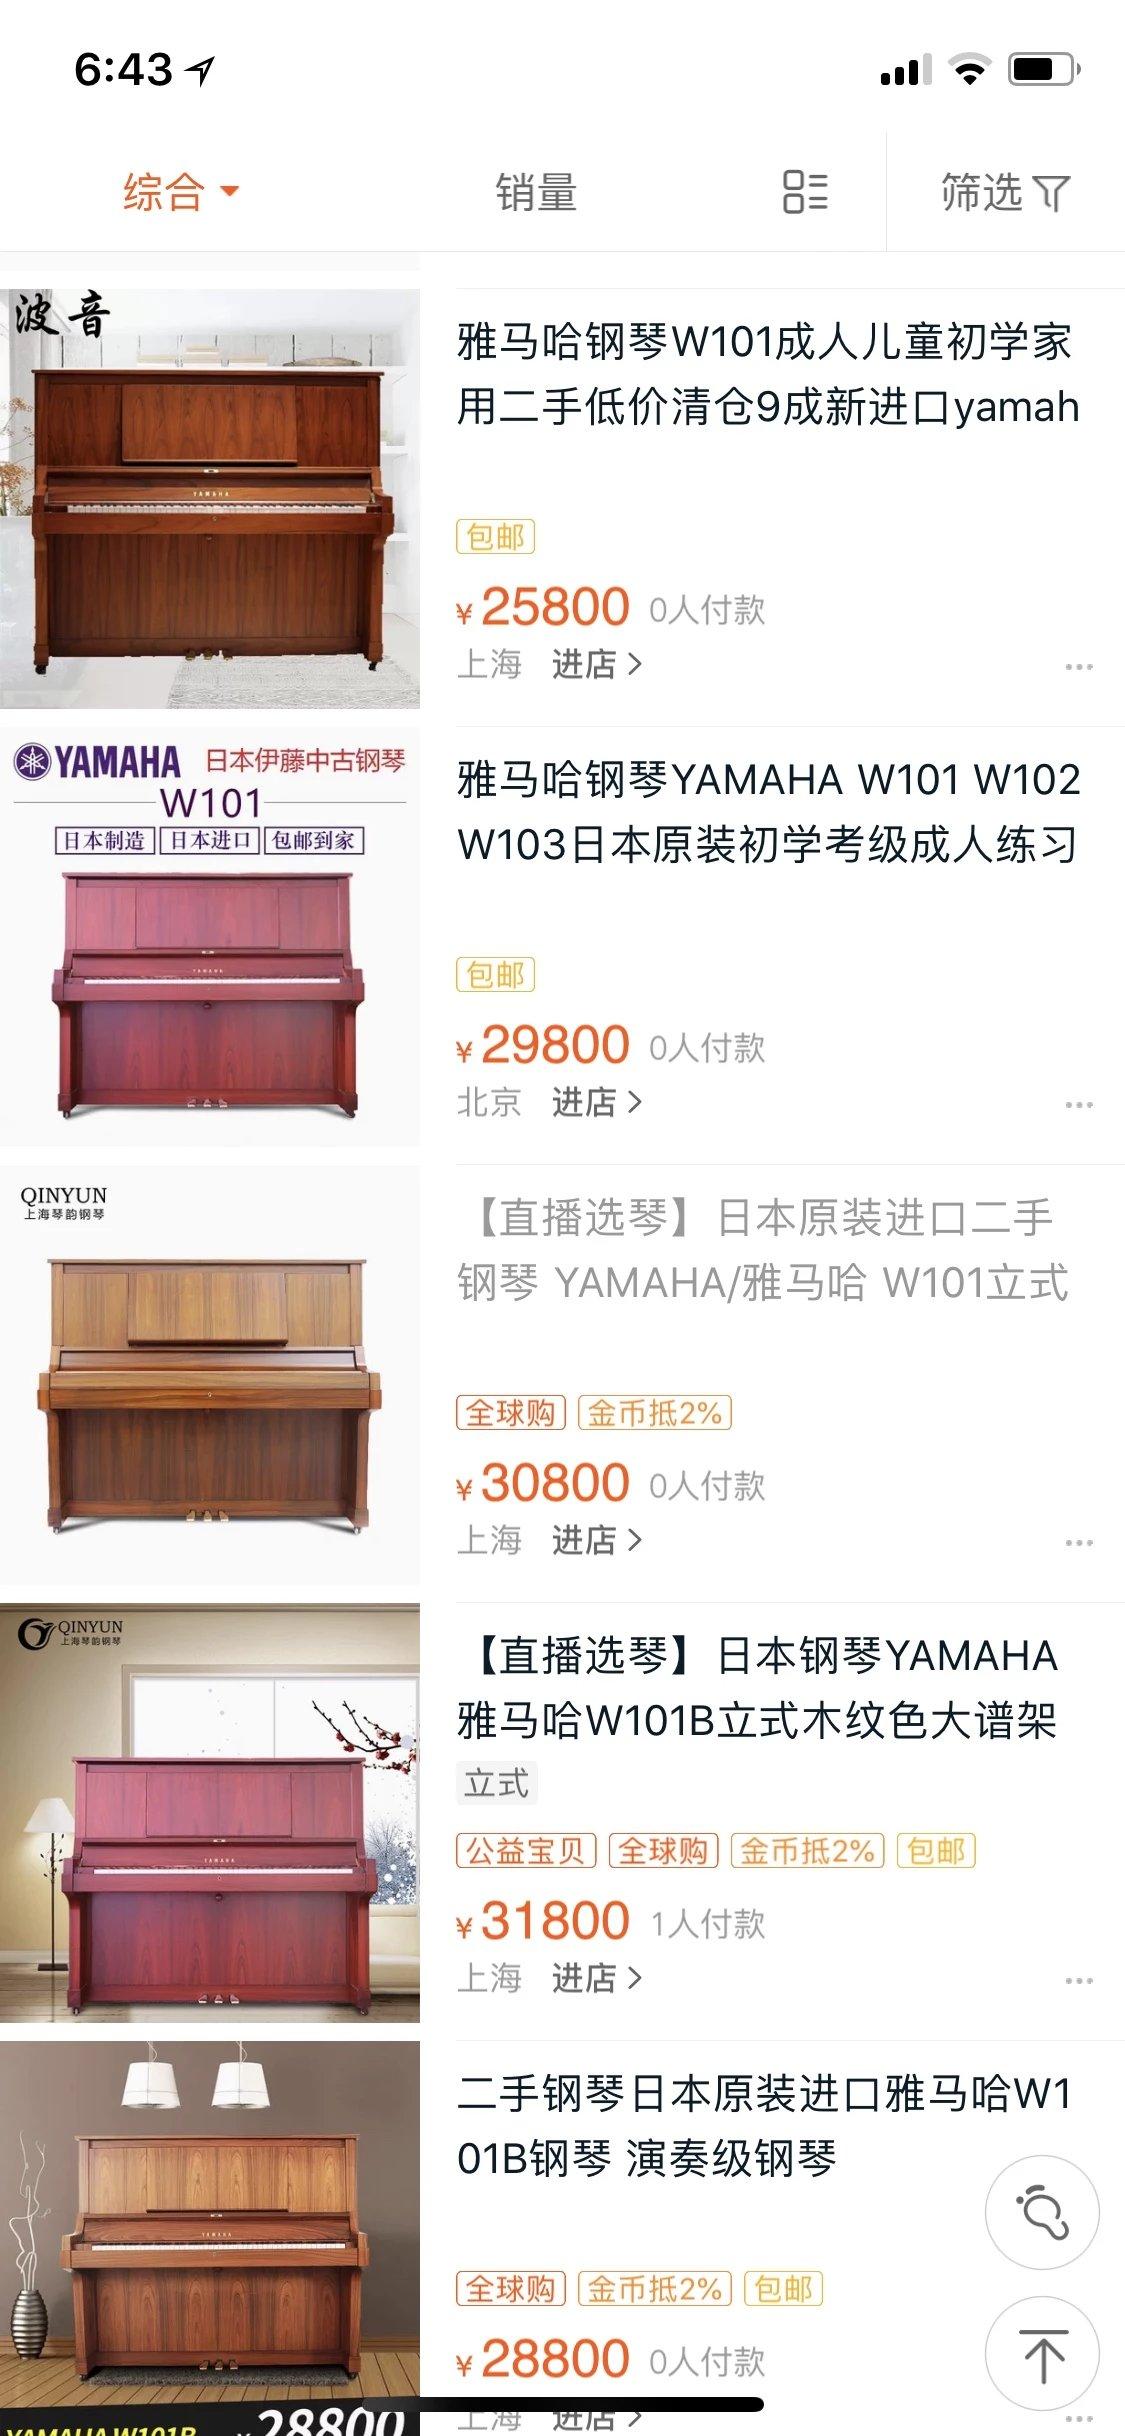 雅马哈钢琴W101 雅马哈钢琴W101 温岭二手钢琴